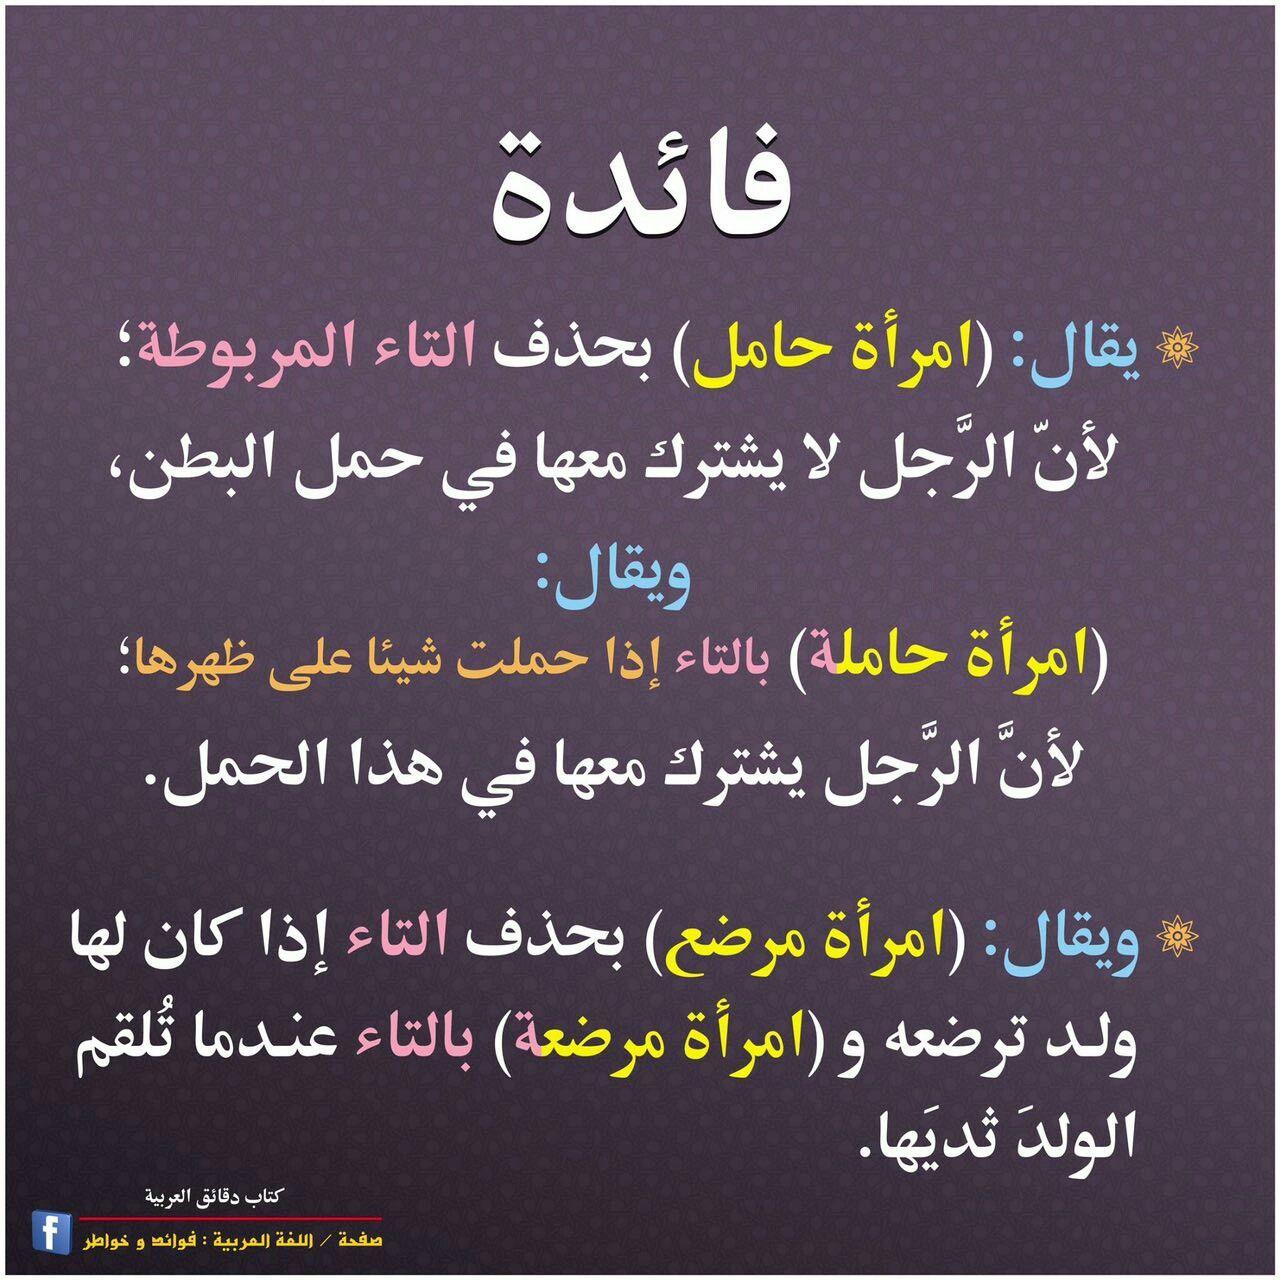 فائدة لغوية Learning Arabic Beautiful Arabic Words Learn Arabic Language